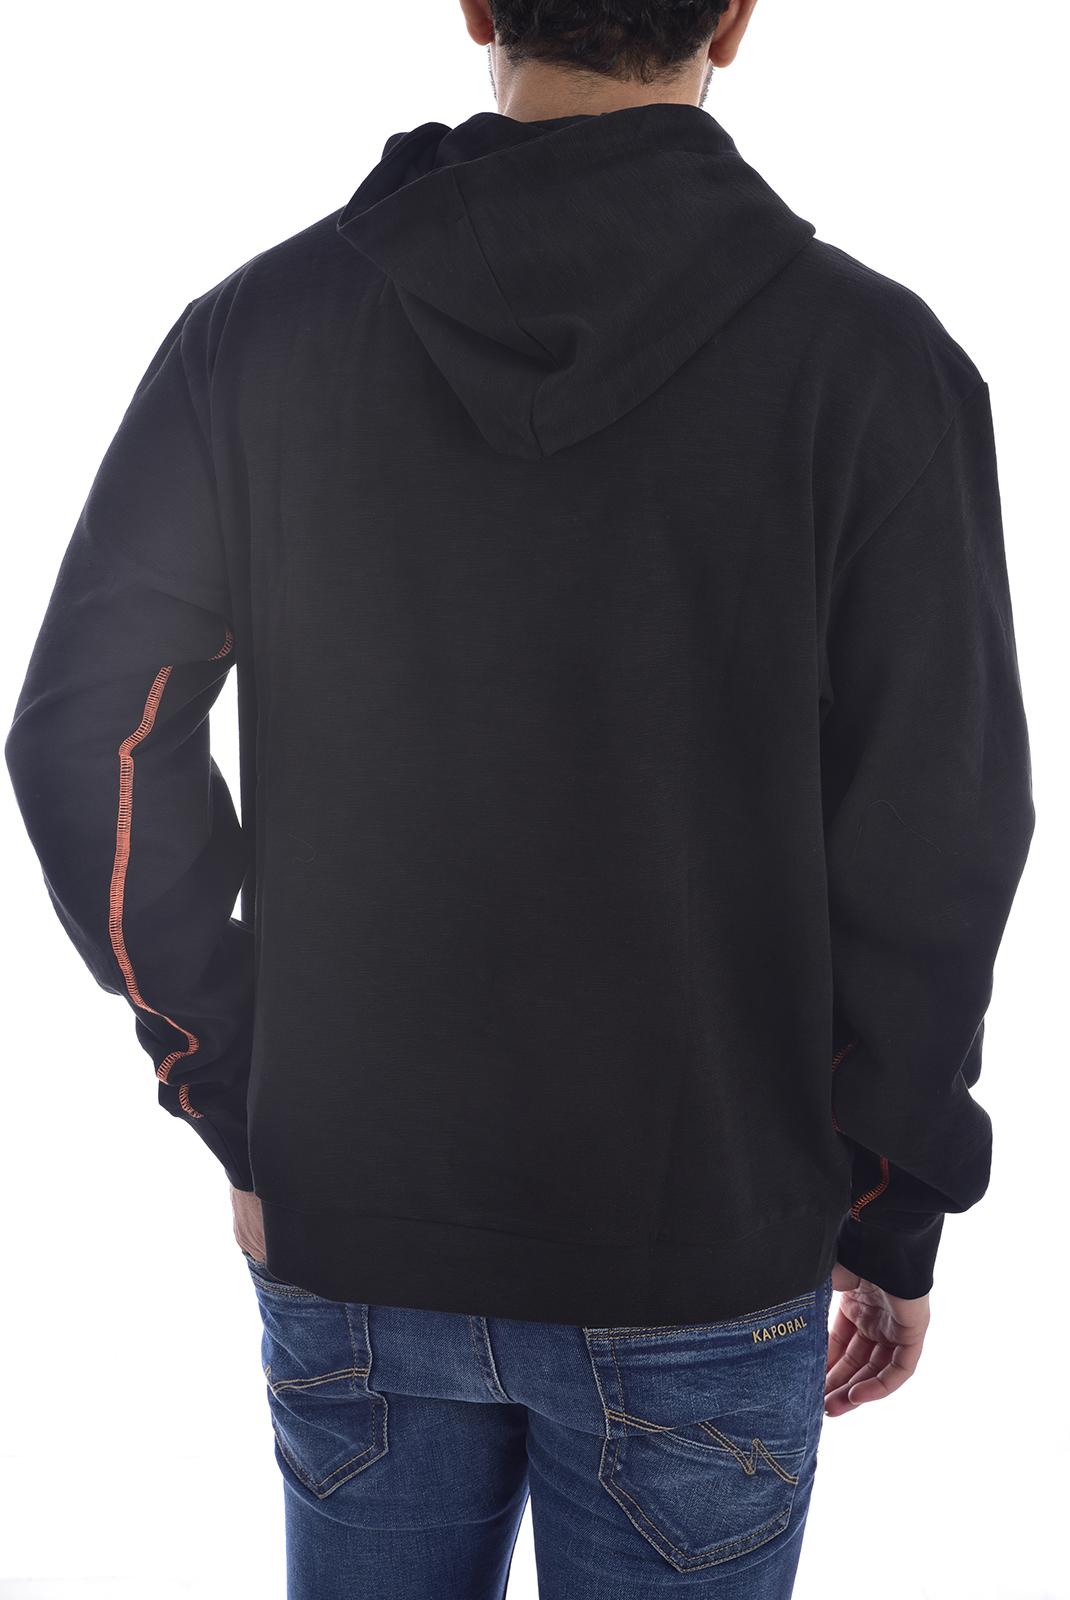 Sweatshirts  Guess jeans M0GQ83 K9PK0 DRAKE Jet Black A996